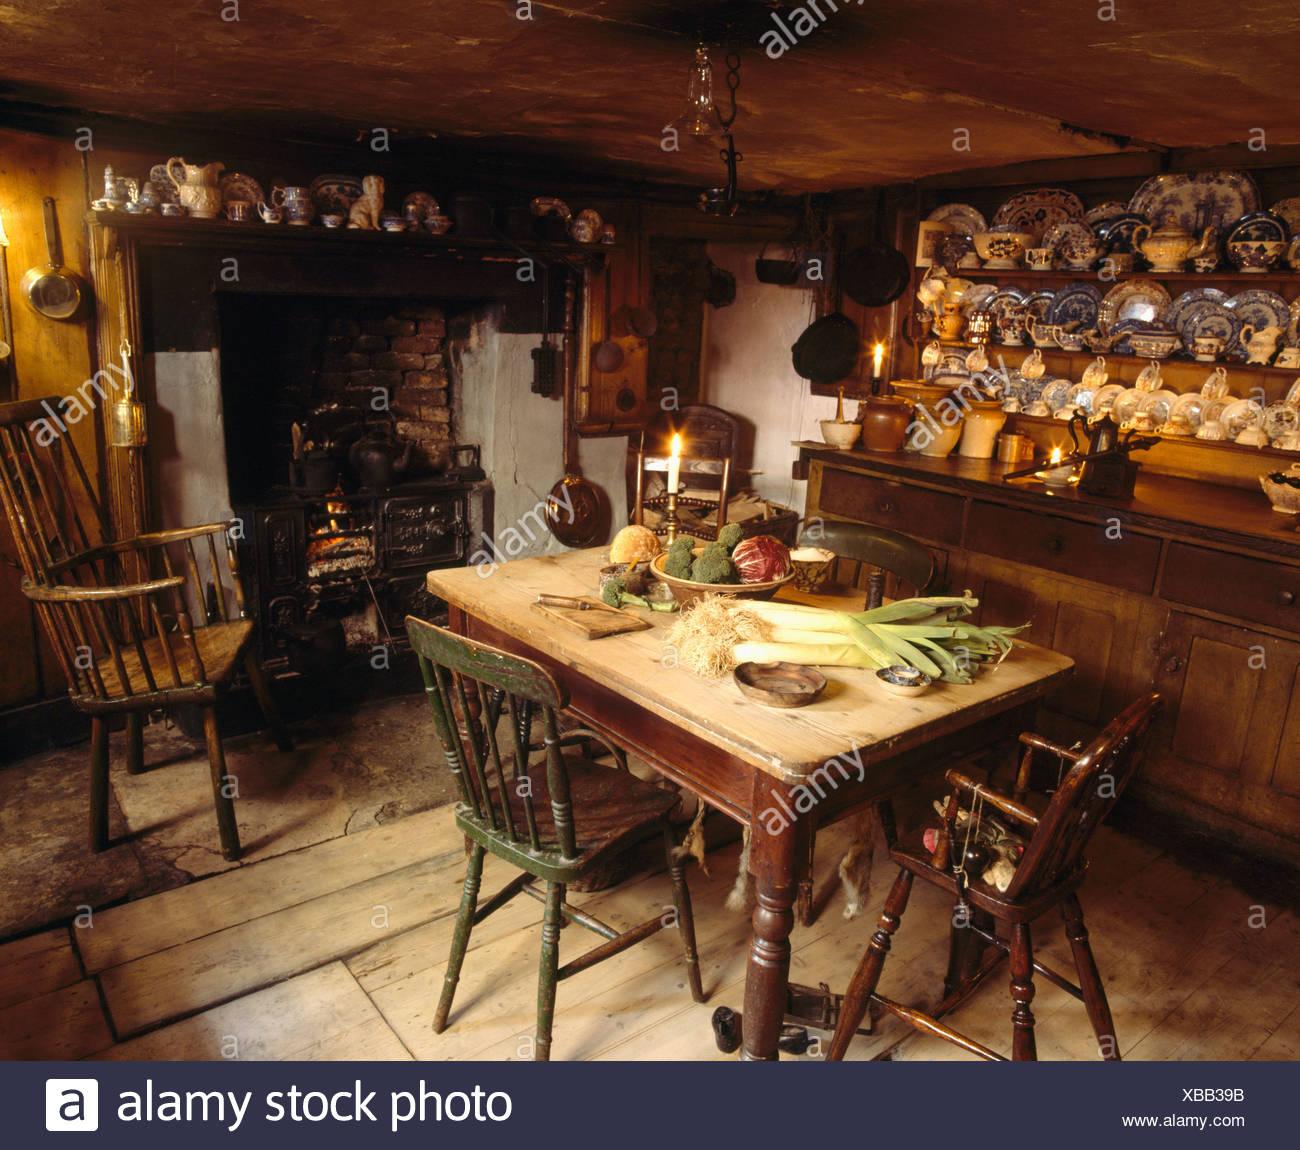 Alte Kiefern Tisch und Kommode in altmodischen Küche Esszimmer mit ...